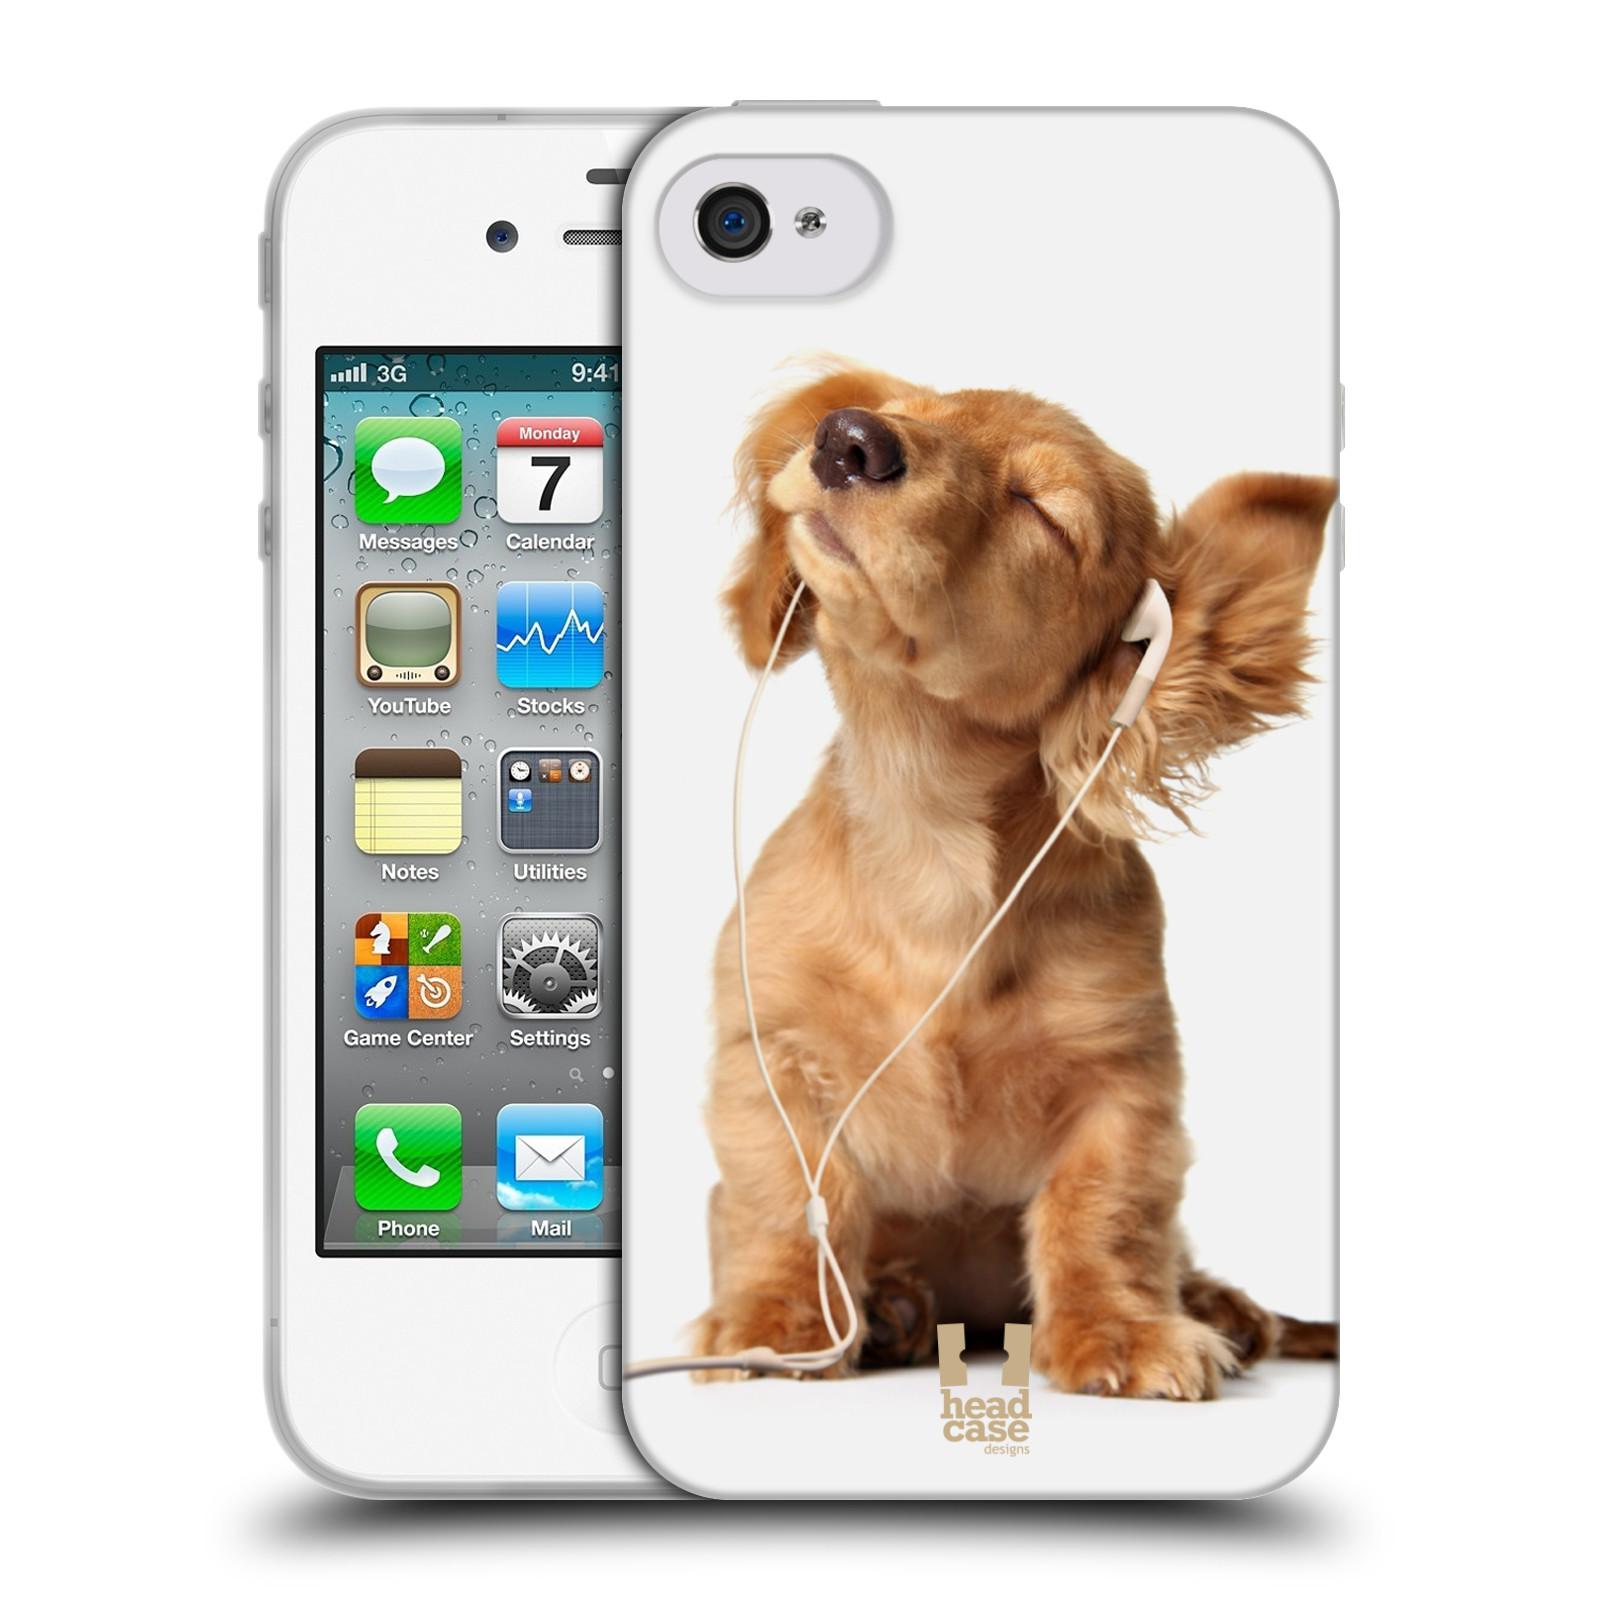 HEAD CASE silikonový obal na mobil Apple Iphone 4/4S vzor Legrační zvířátka roztomilé štěňátko se sluchátky MUSIC